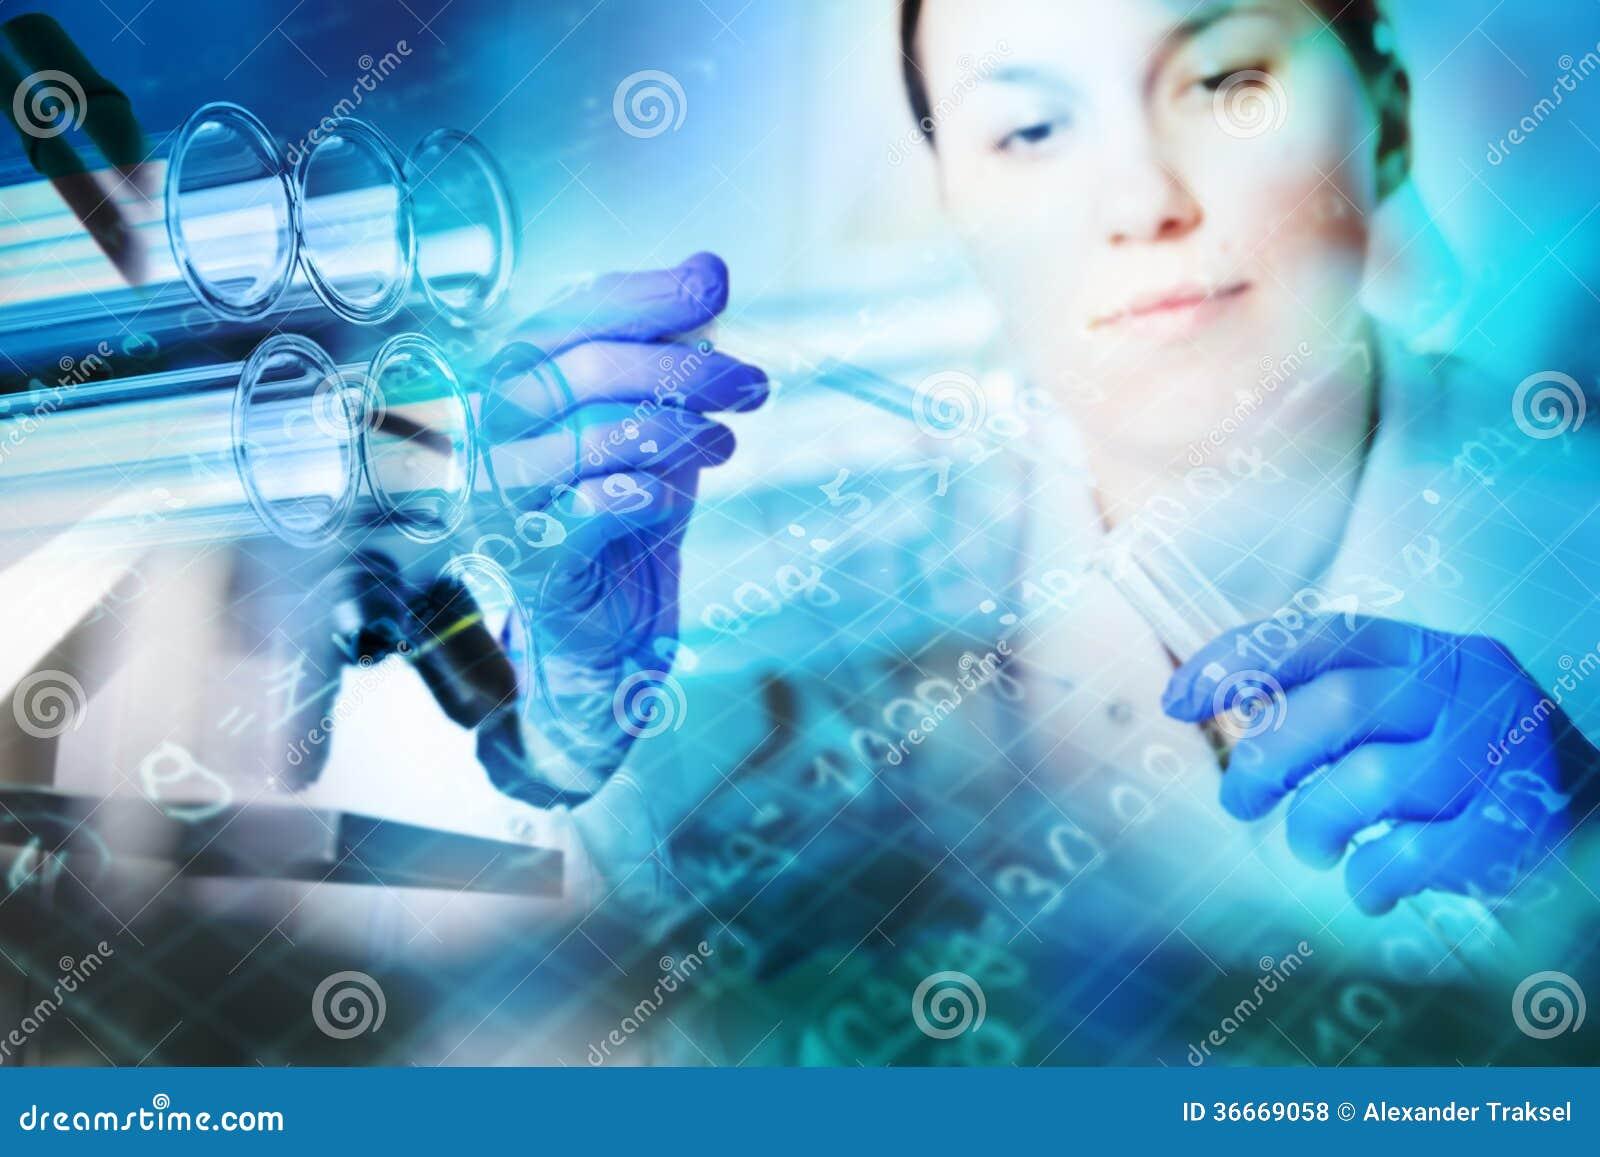 Primo piano delle provette, cristalleria medica